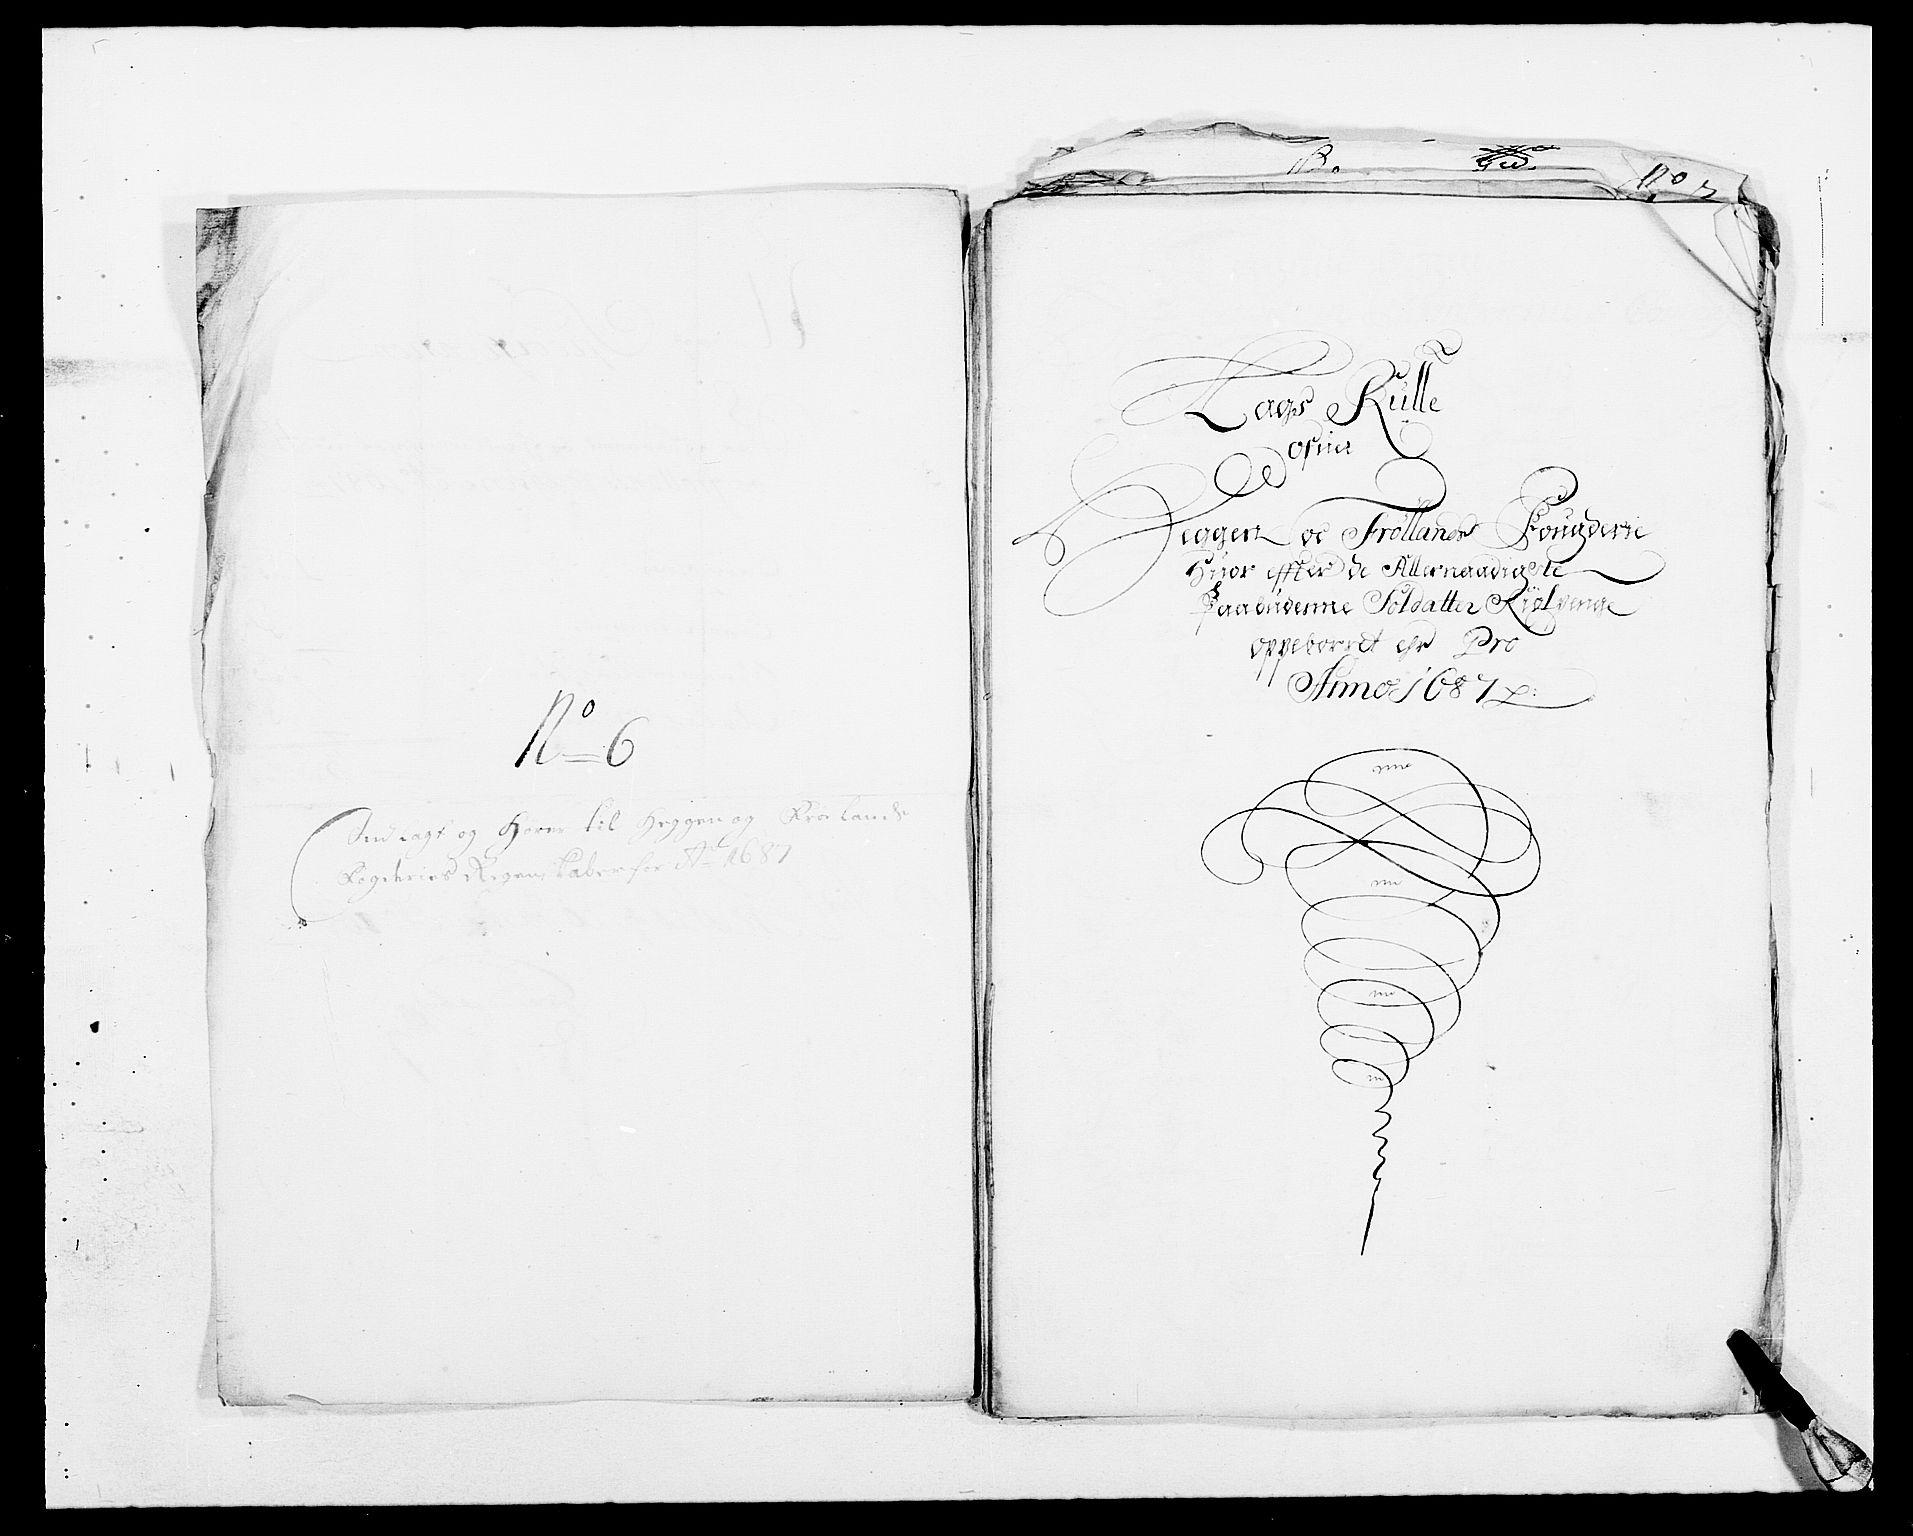 RA, Rentekammeret inntil 1814, Reviderte regnskaper, Fogderegnskap, R06/L0282: Fogderegnskap Heggen og Frøland, 1687-1690, s. 47